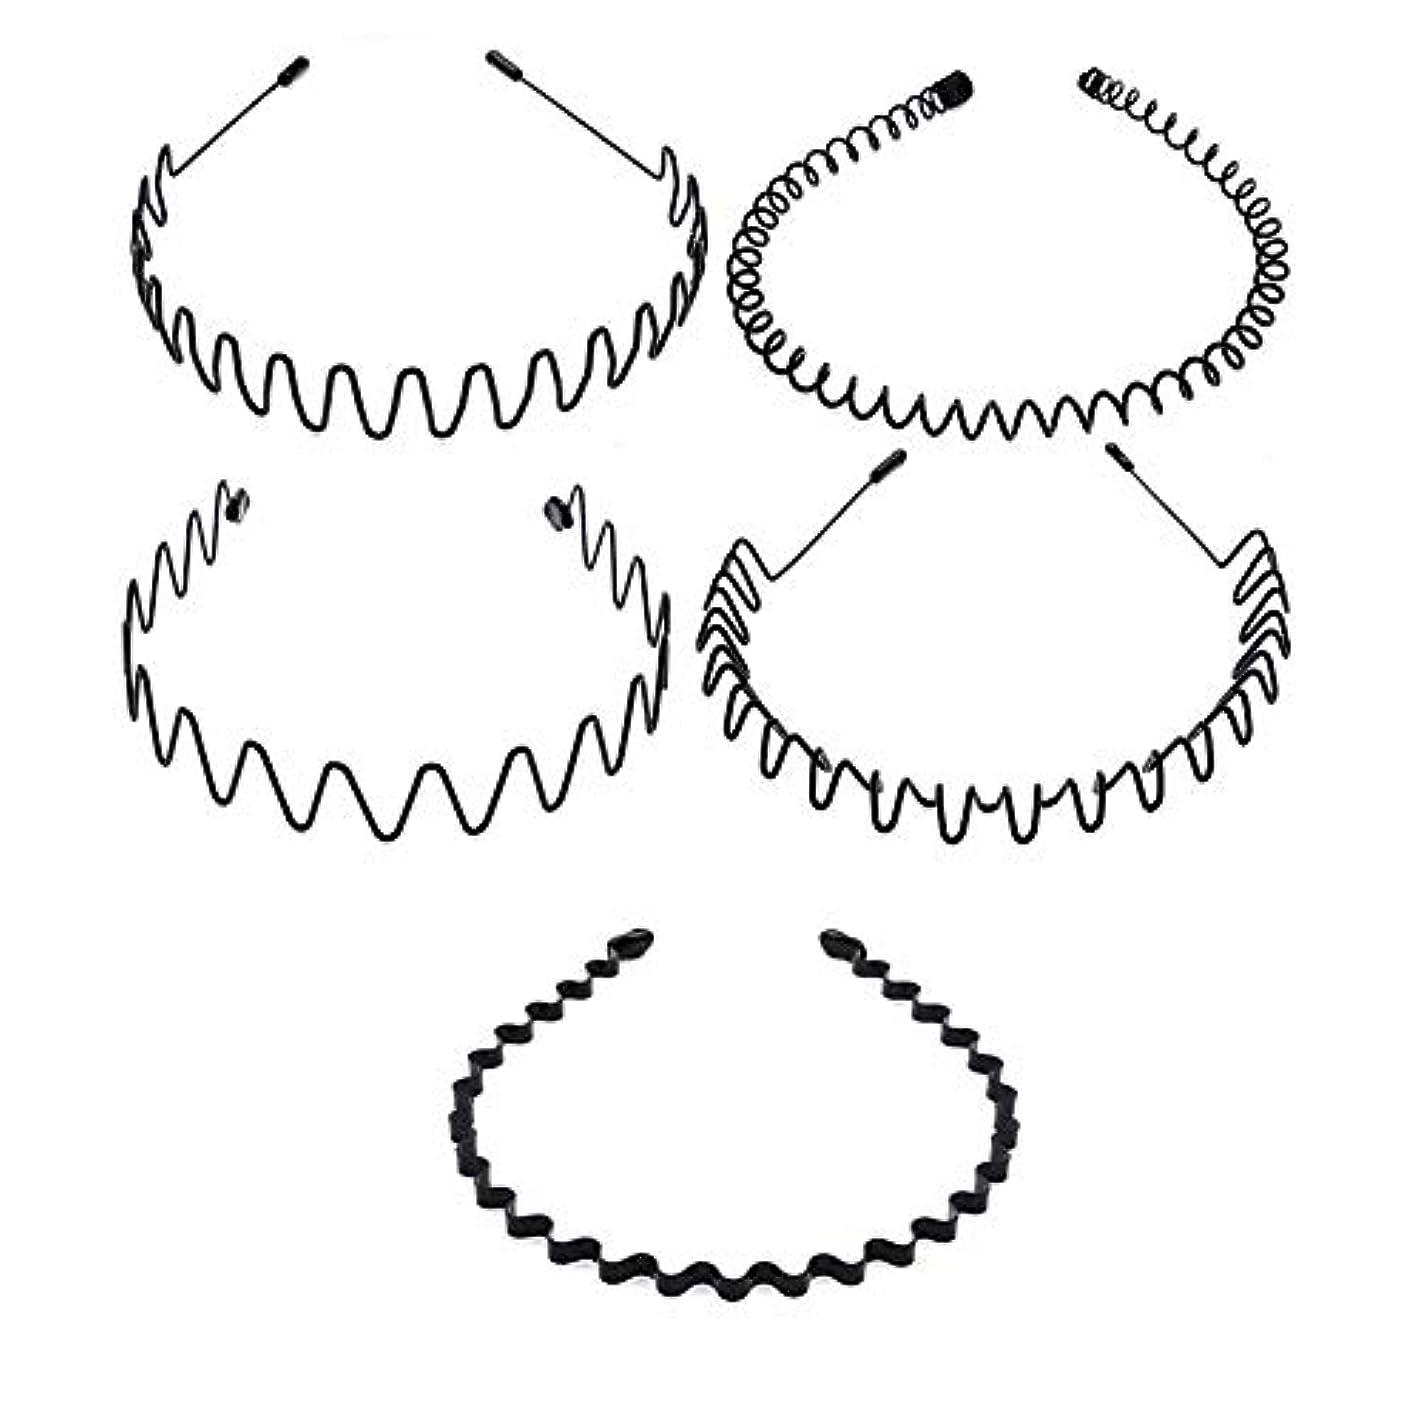 どこでも木製散らす5種類のシンプルな波状ヘッドバンド 非常にニュートラルなヘアクリップ 男性と女性の両方が使用可能 黒